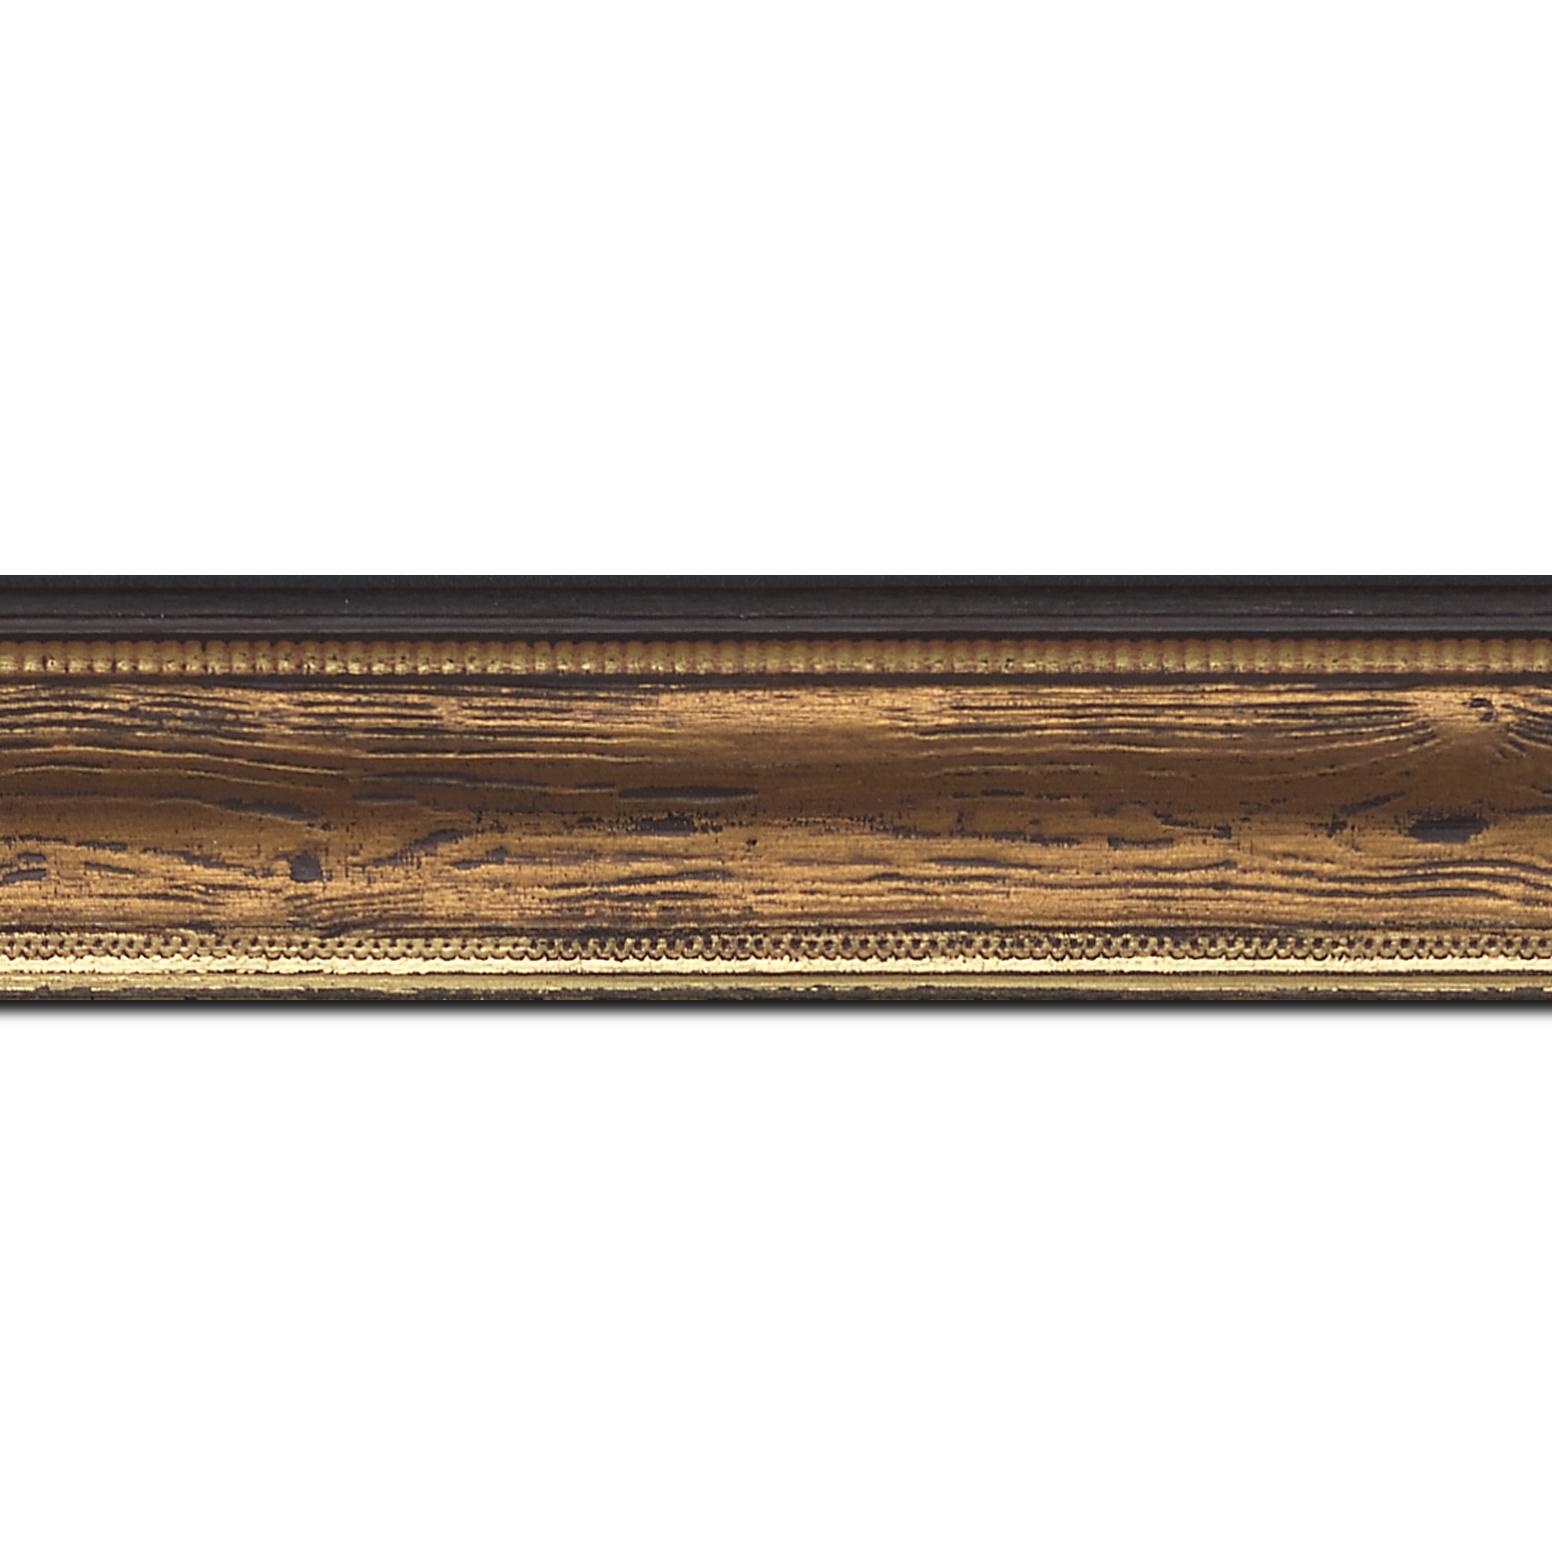 Pack par 12m, bois incurvé profil incurvé largeur 4.1cm couleur marron cuivré  aspect veiné liseret or (longueur baguette pouvant varier entre 2.40m et 3m selon arrivage des bois)